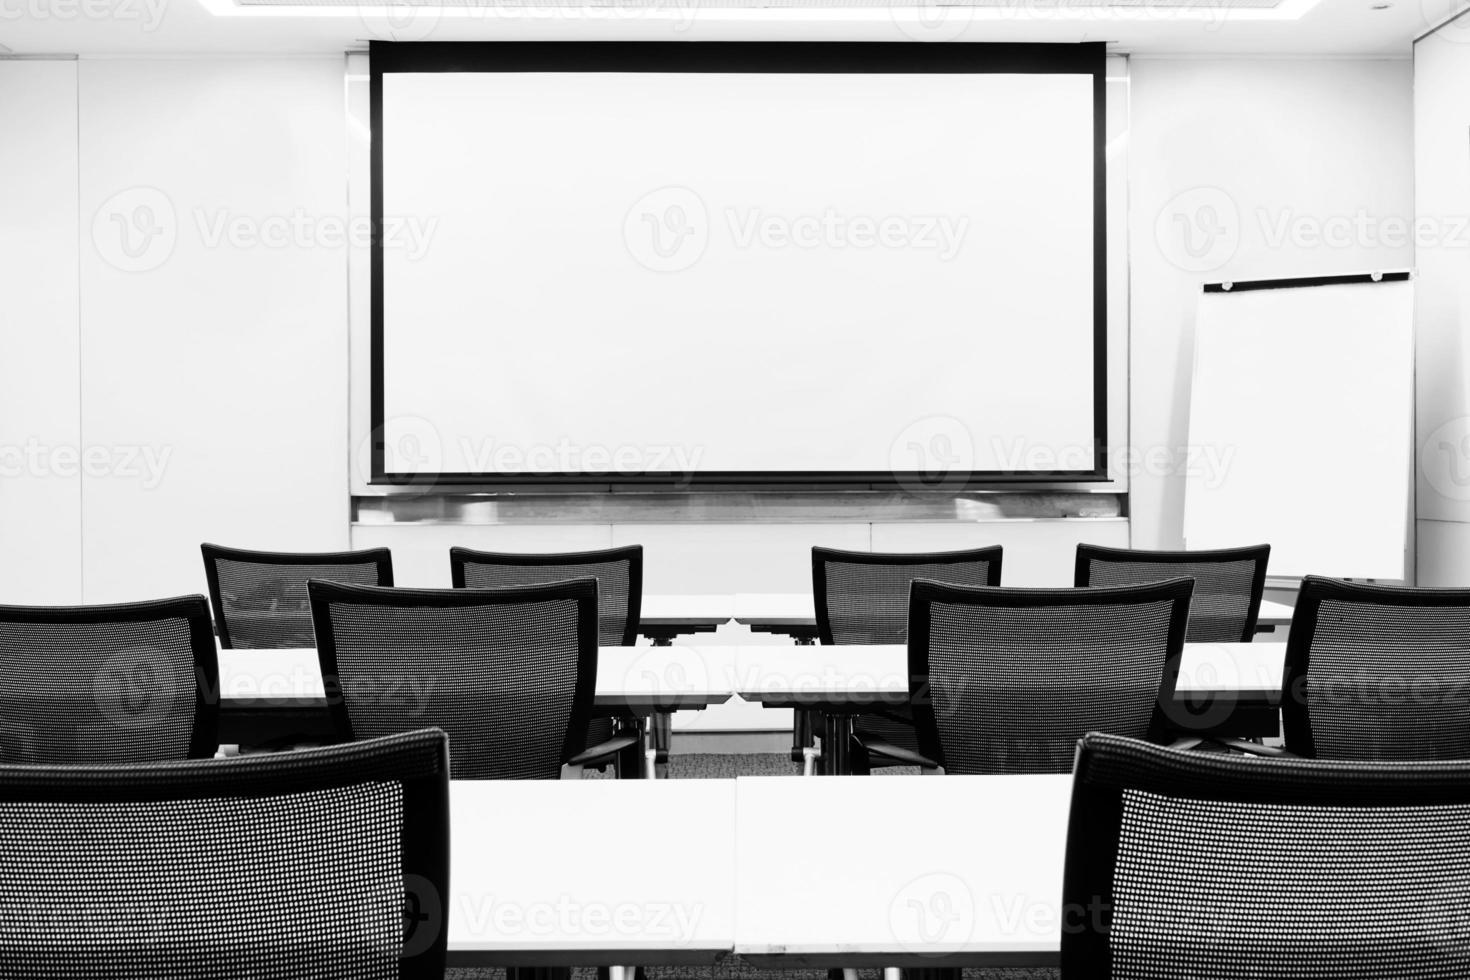 sala de presentación de seminarios de reuniones de negocios modernos foto